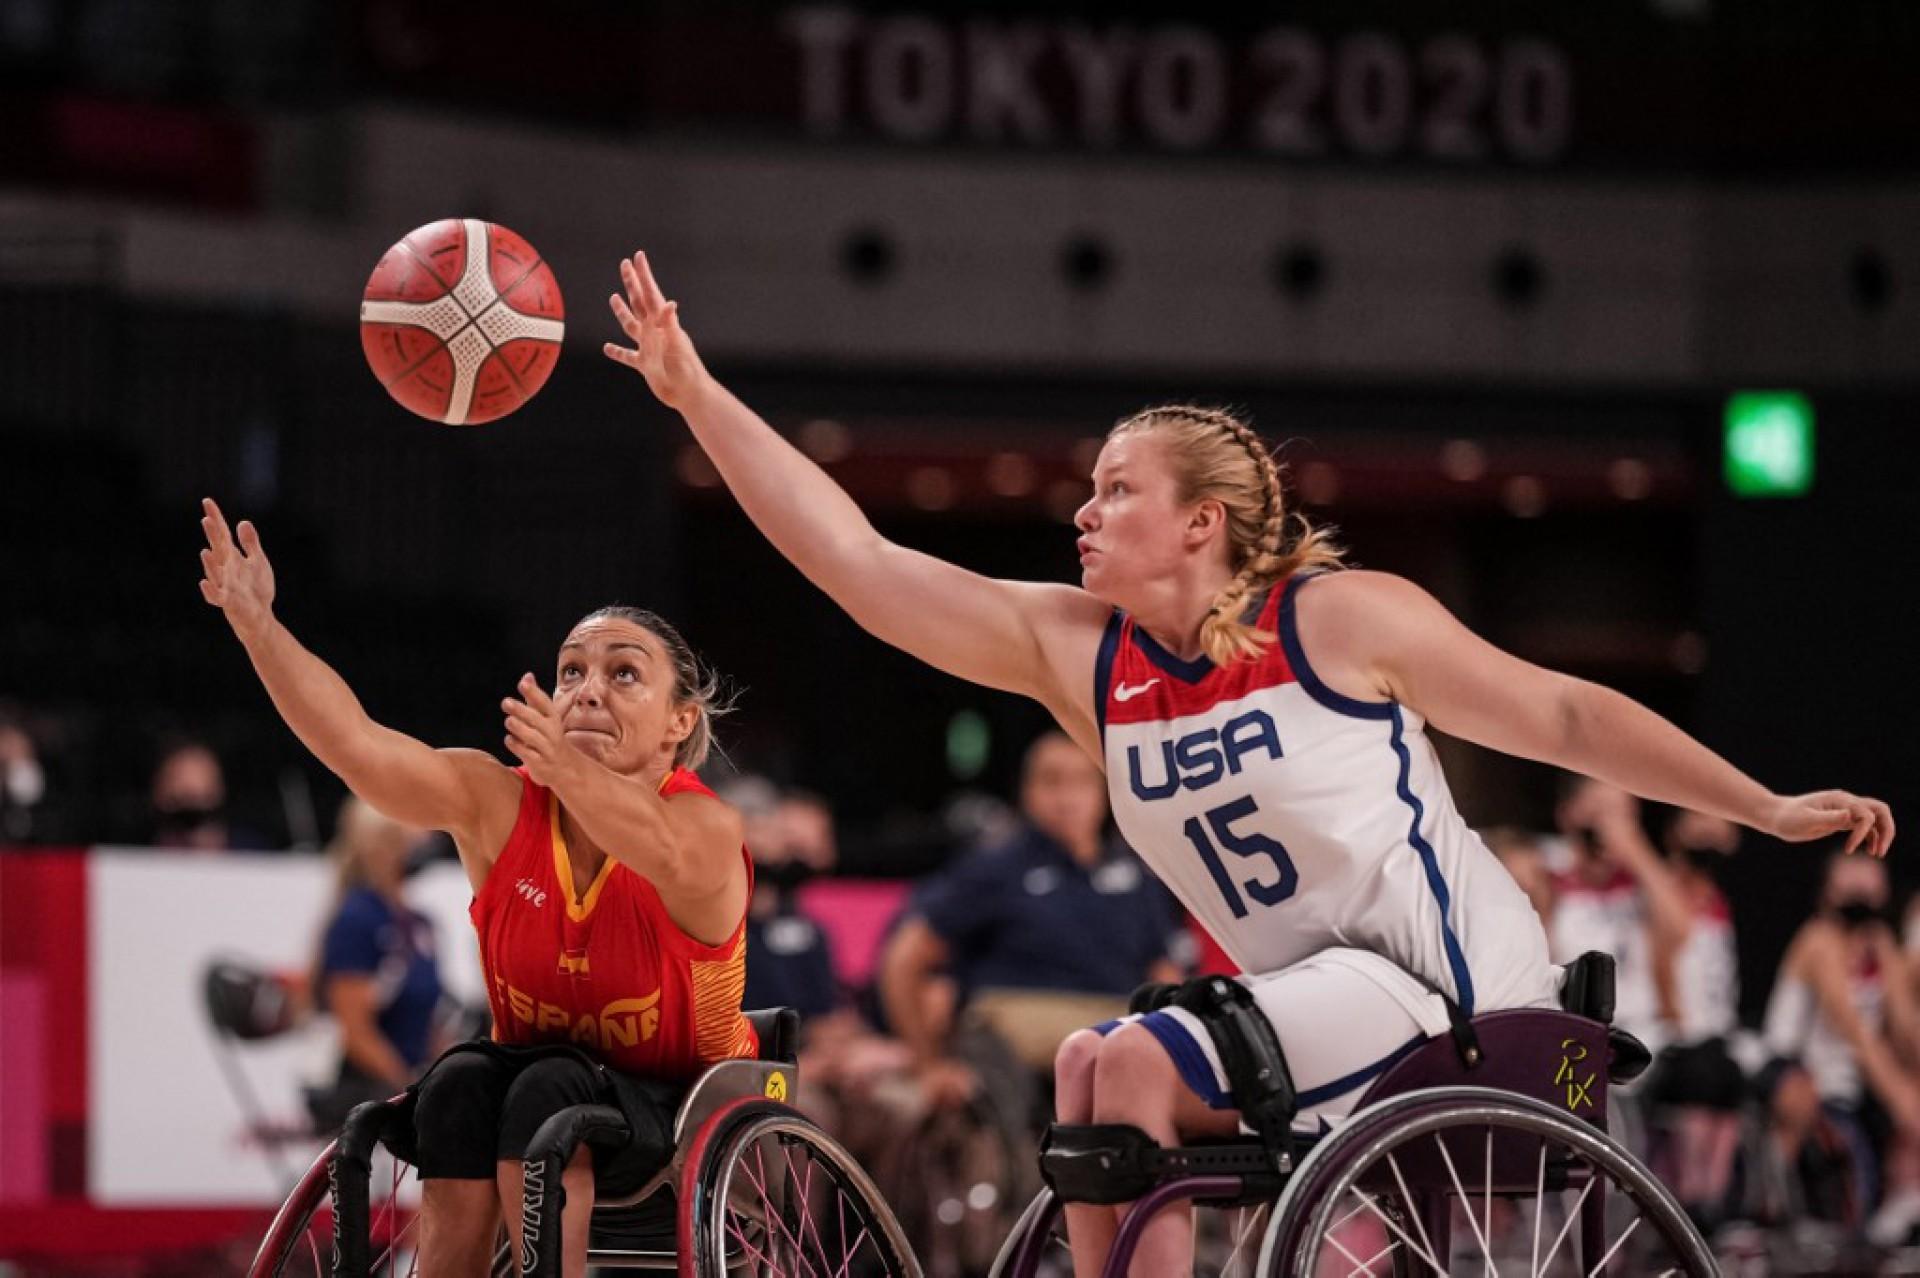 Basquete em cadeira de rodas: um dos pioneiros das Paralimpíadas